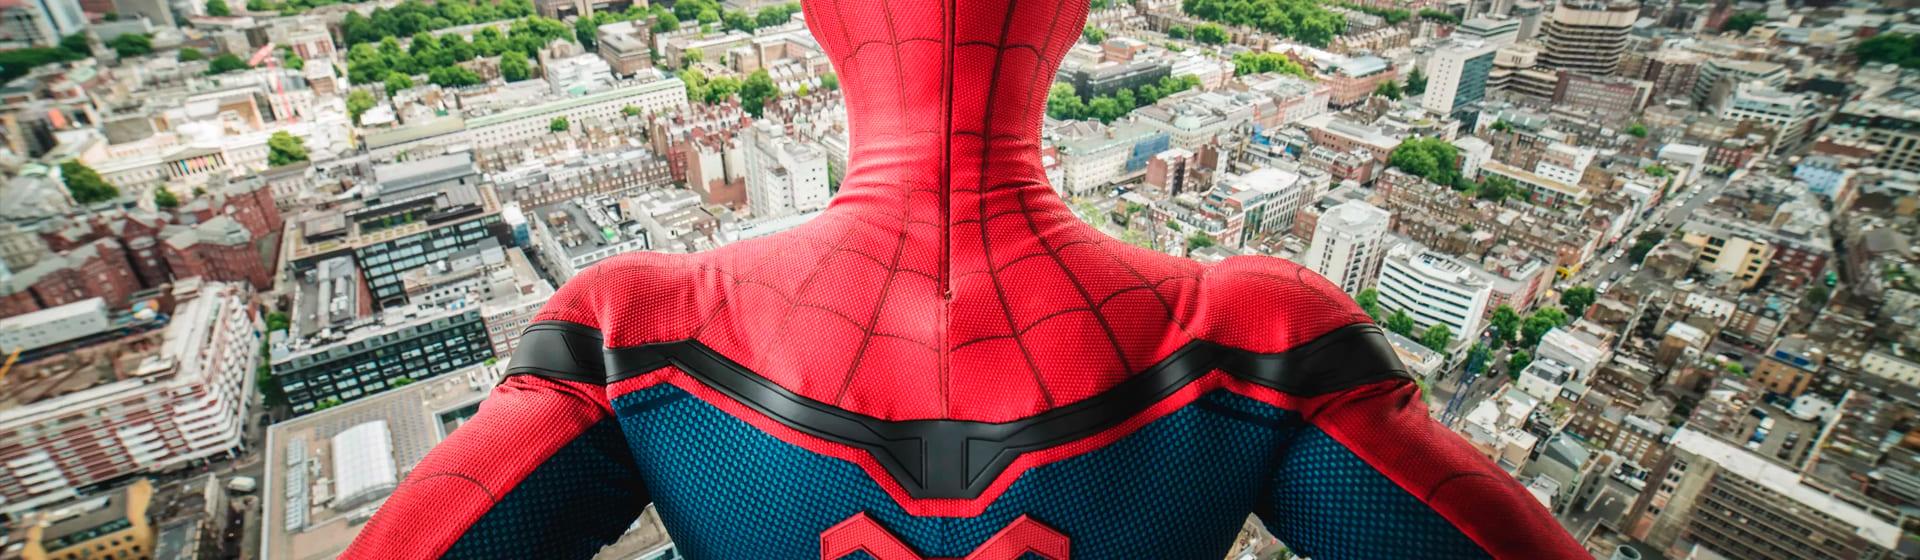 Человек-паук - Мерч и одежда с атрибутикой